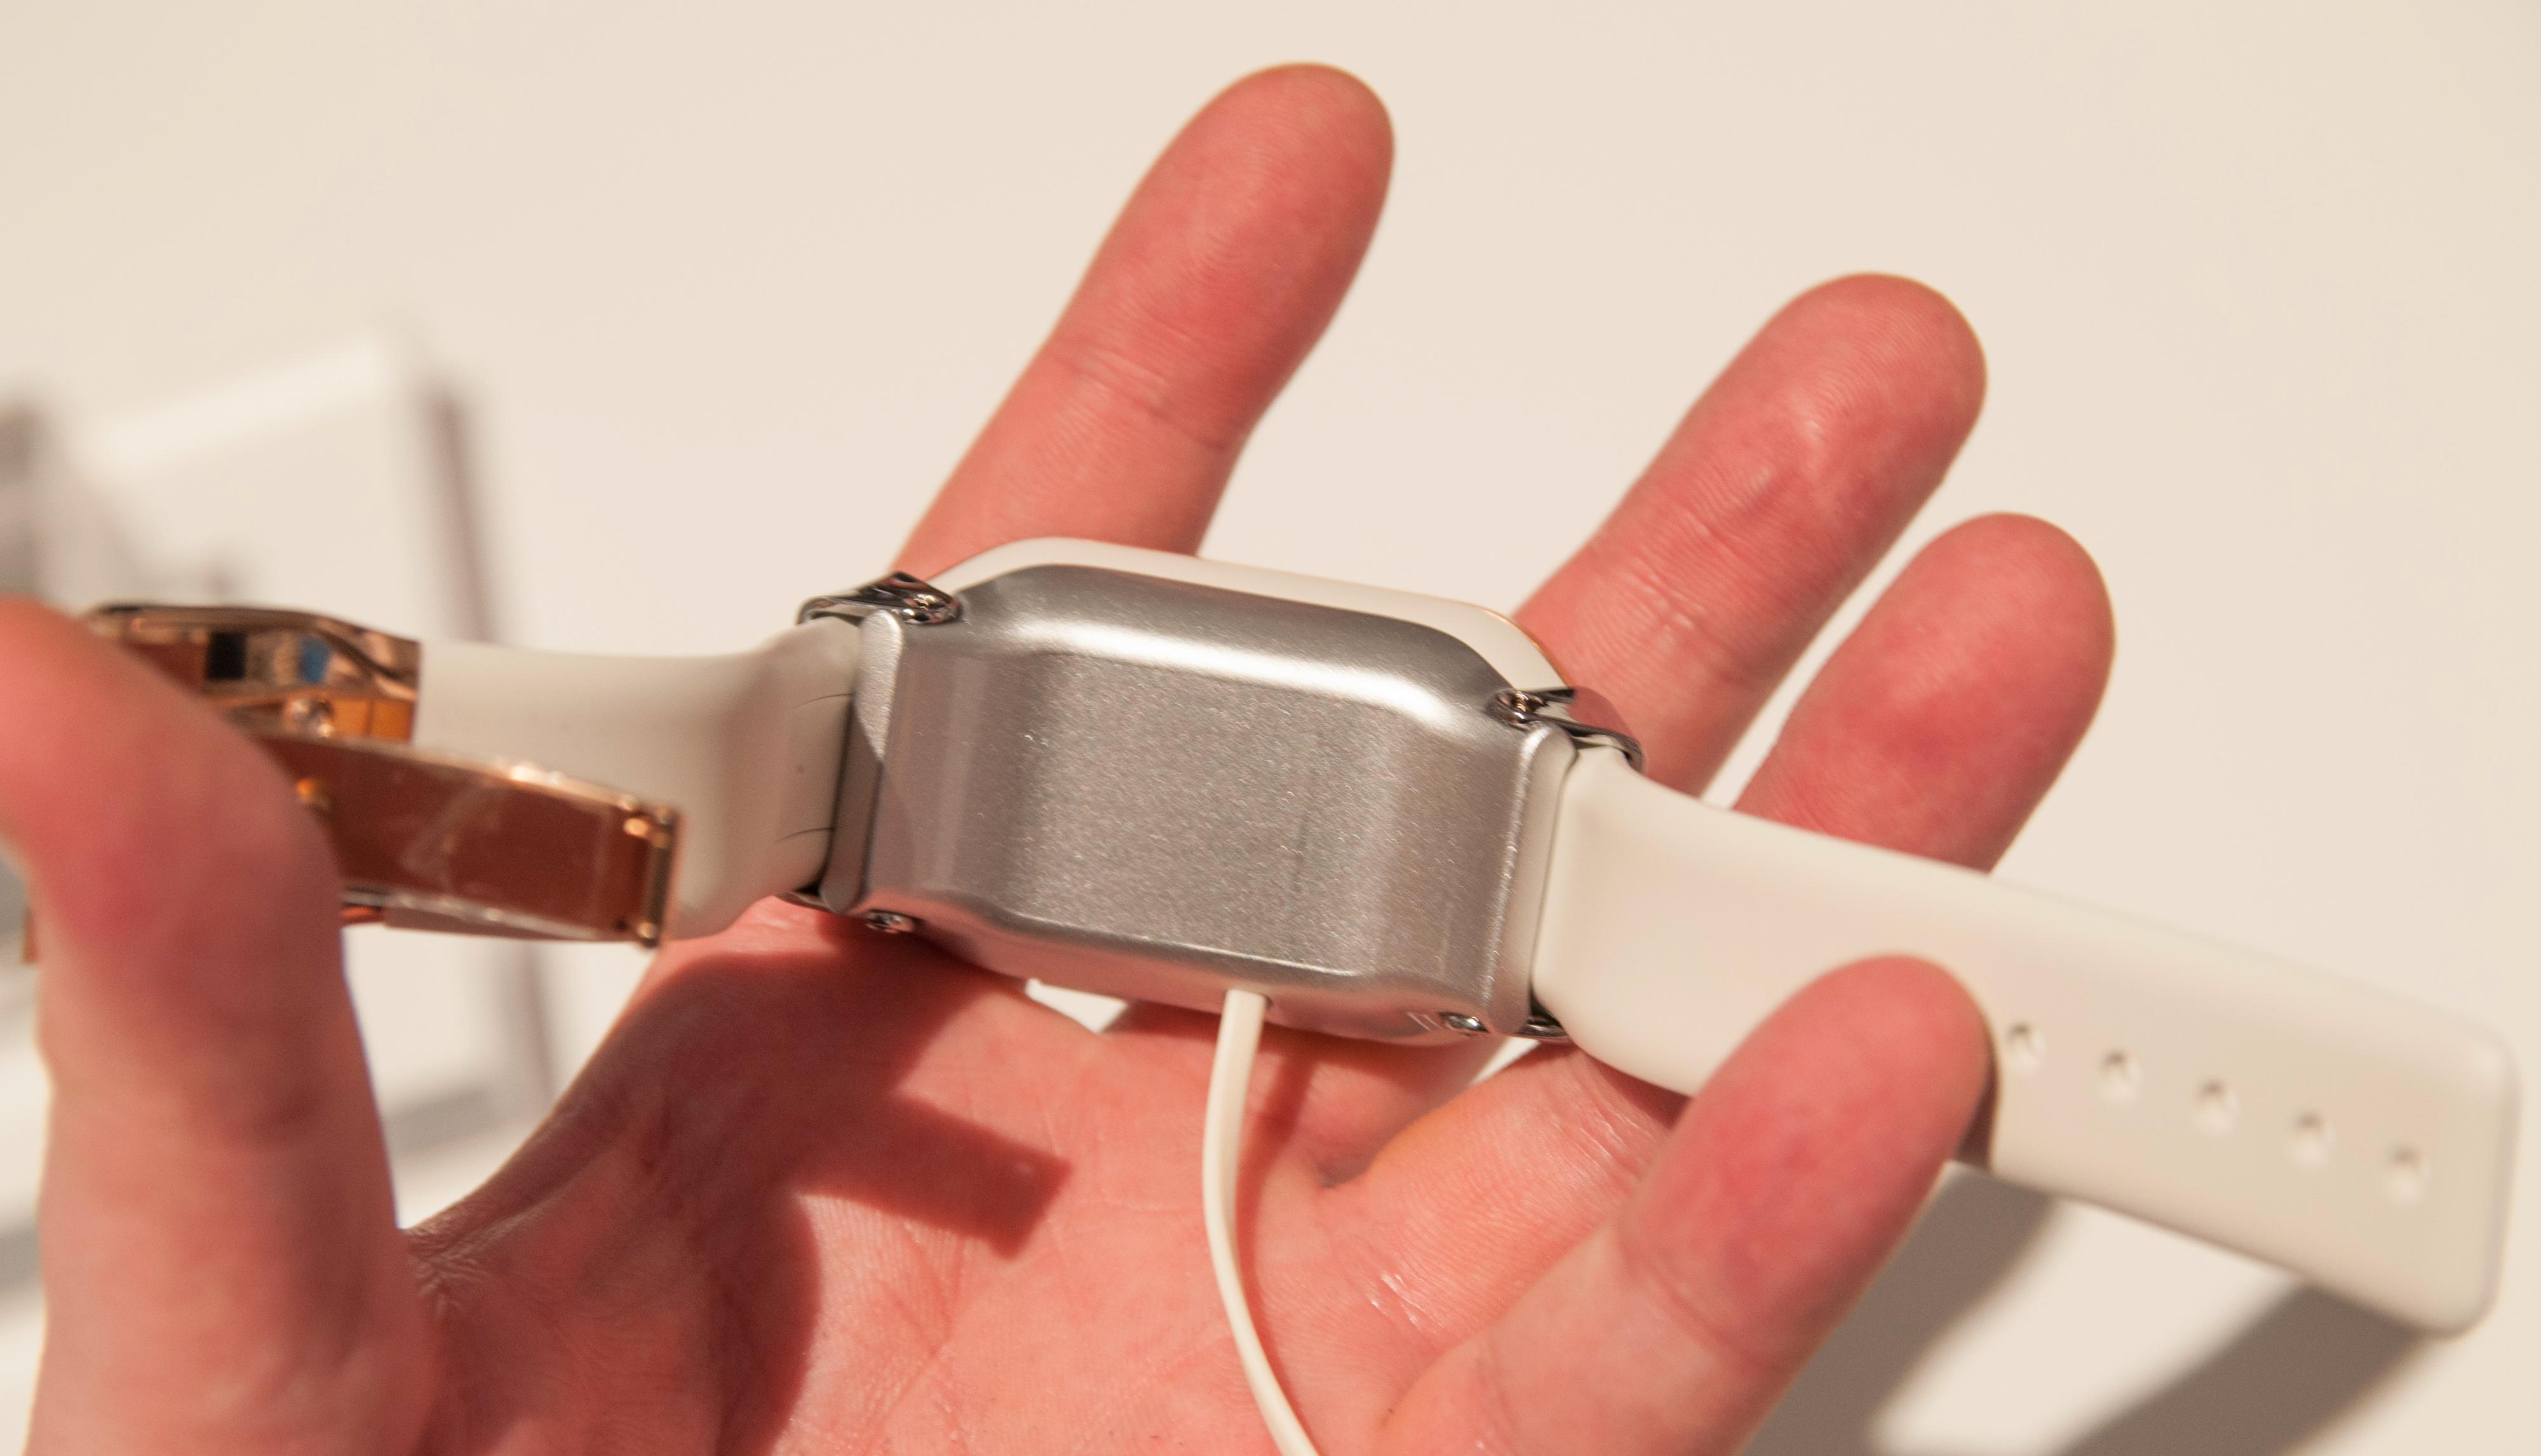 """Samsung hadde kledt på klokken en """"tvangstrøye"""", så akkurat hvor god den er å ha på vet vi ikke før vi får testet den skikkelig.Foto: Finn Jarle Kvalheim, Amobil.no"""